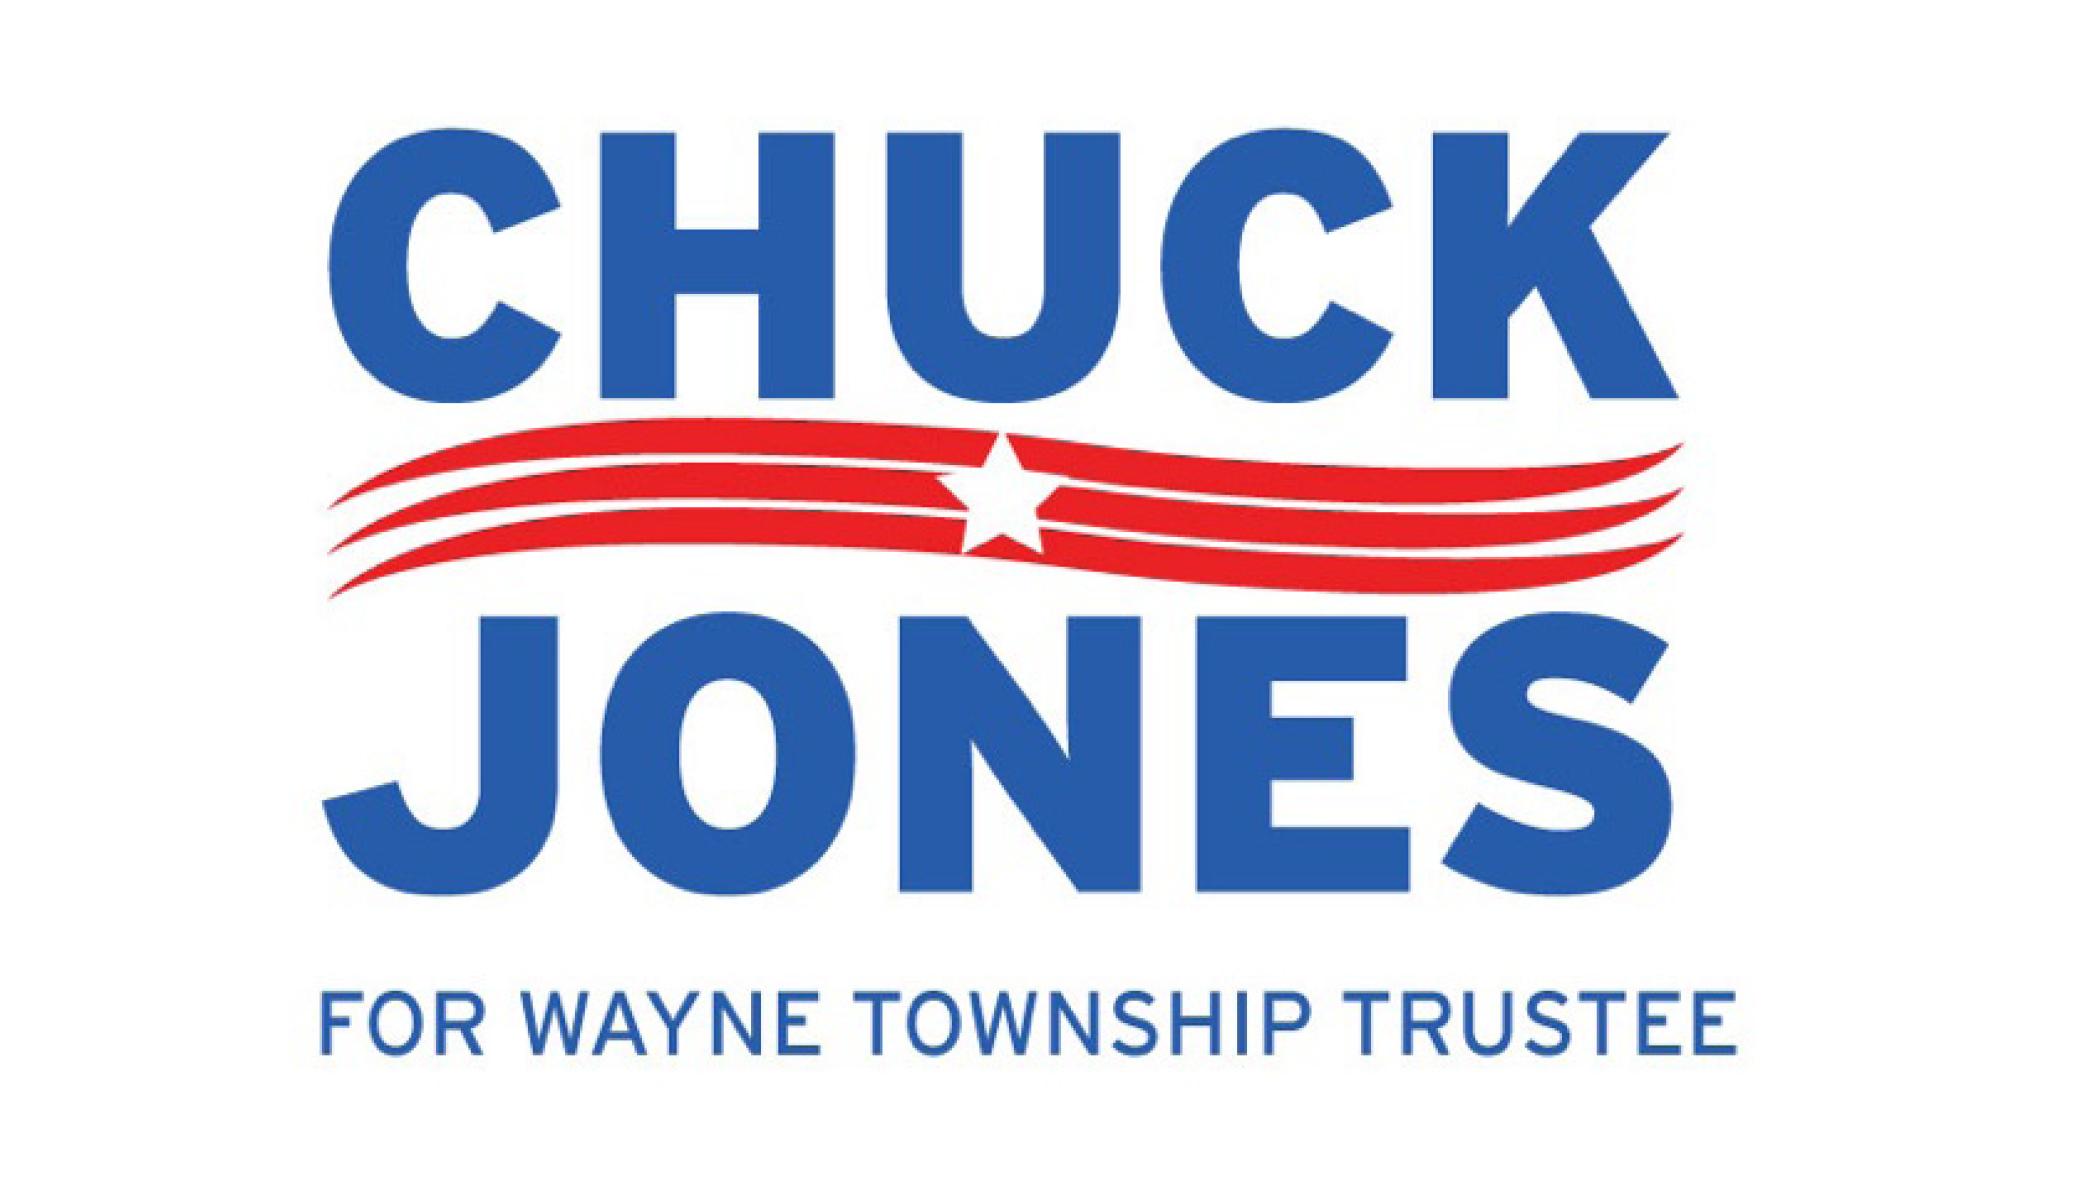 Chuck Jones for Trustee